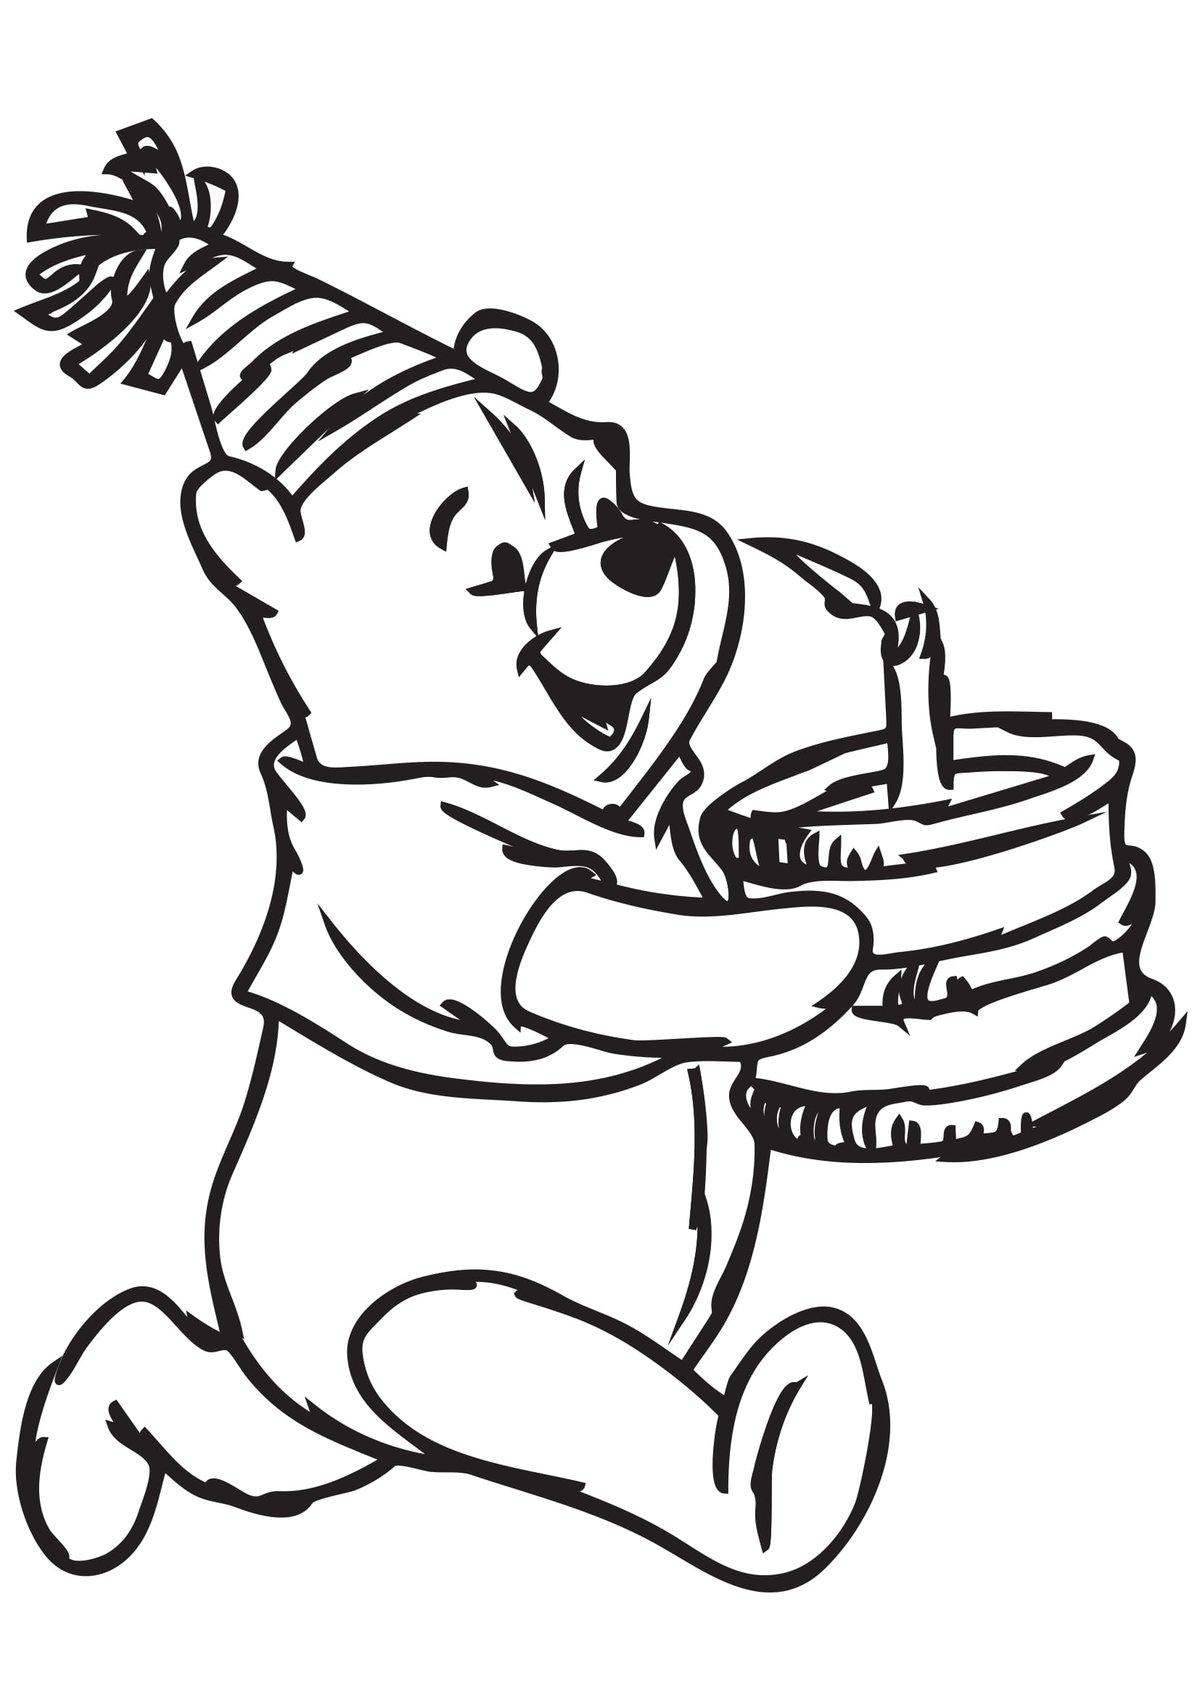 Открытки, картинки для рисования с днем рождения